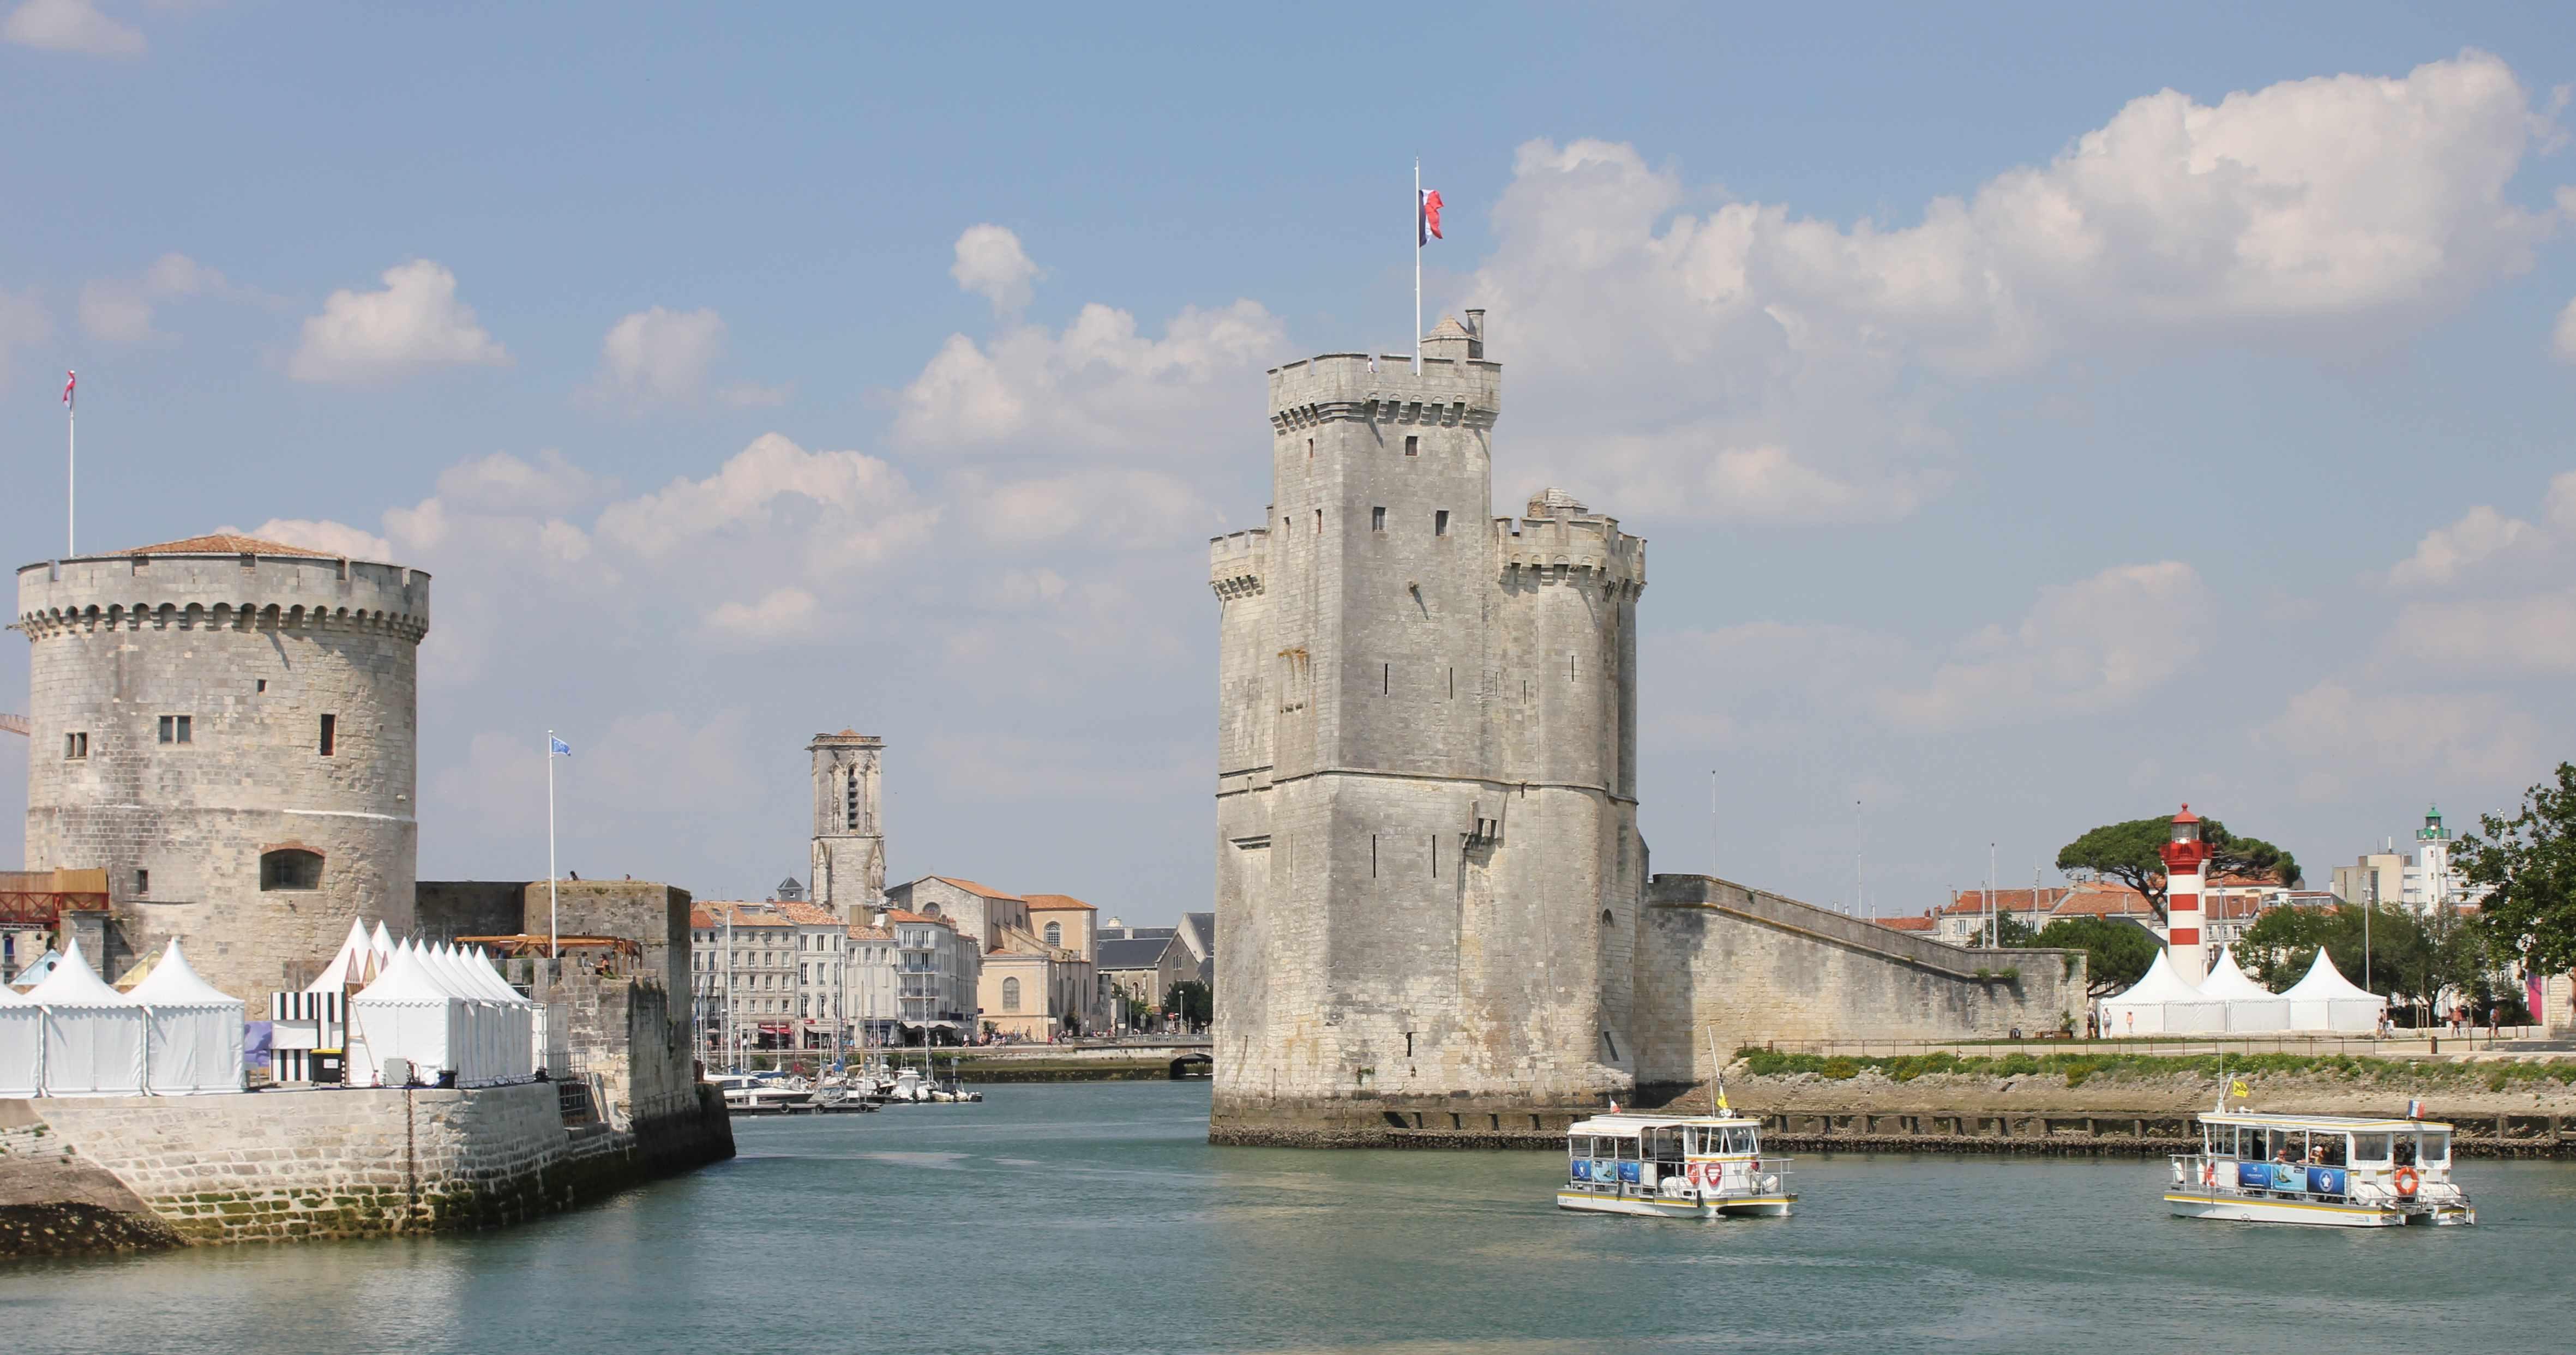 L'entrée du vieux port de La Rochelle.